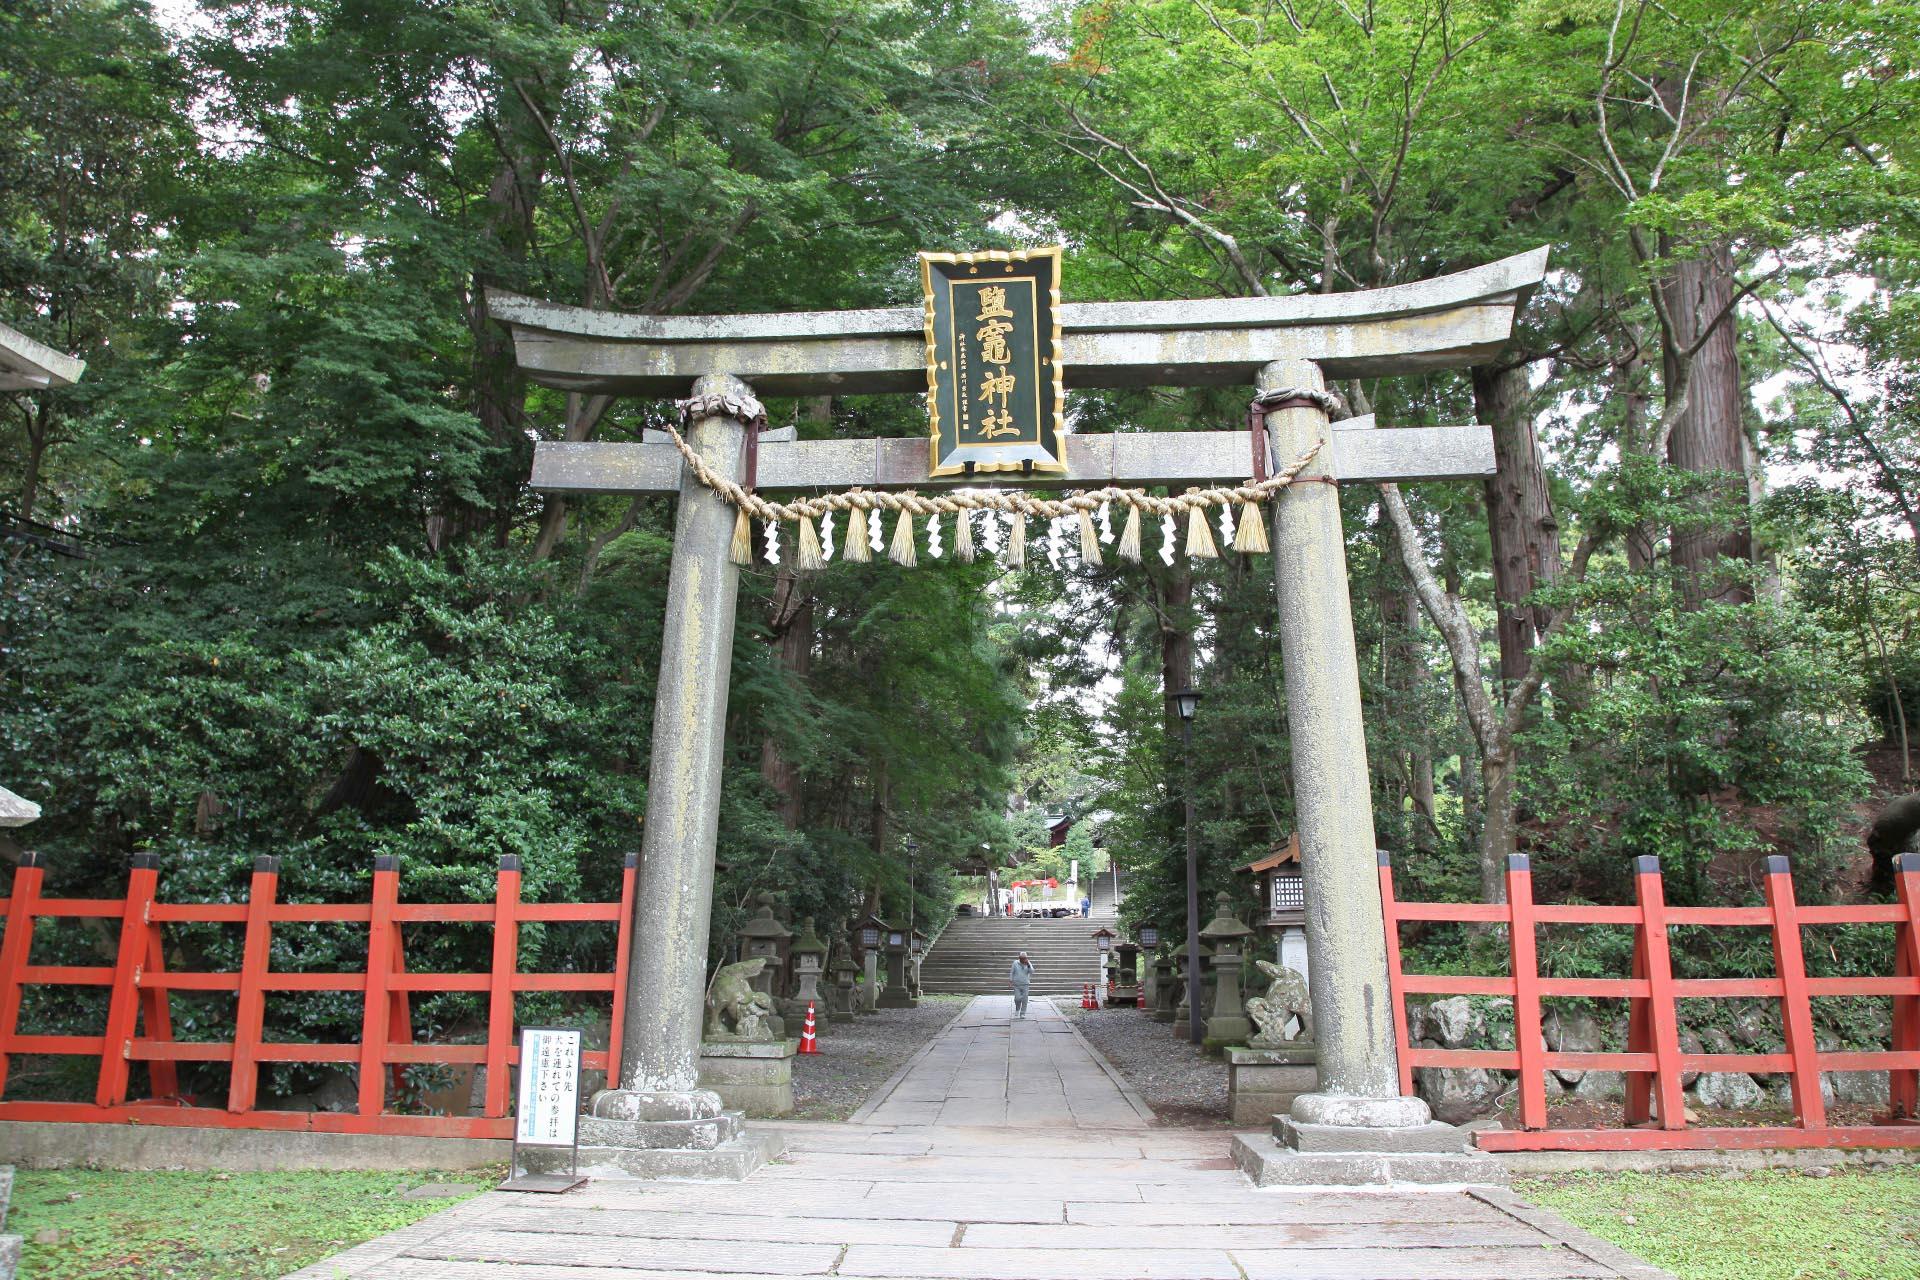 鹽竈神社 宮城の風景